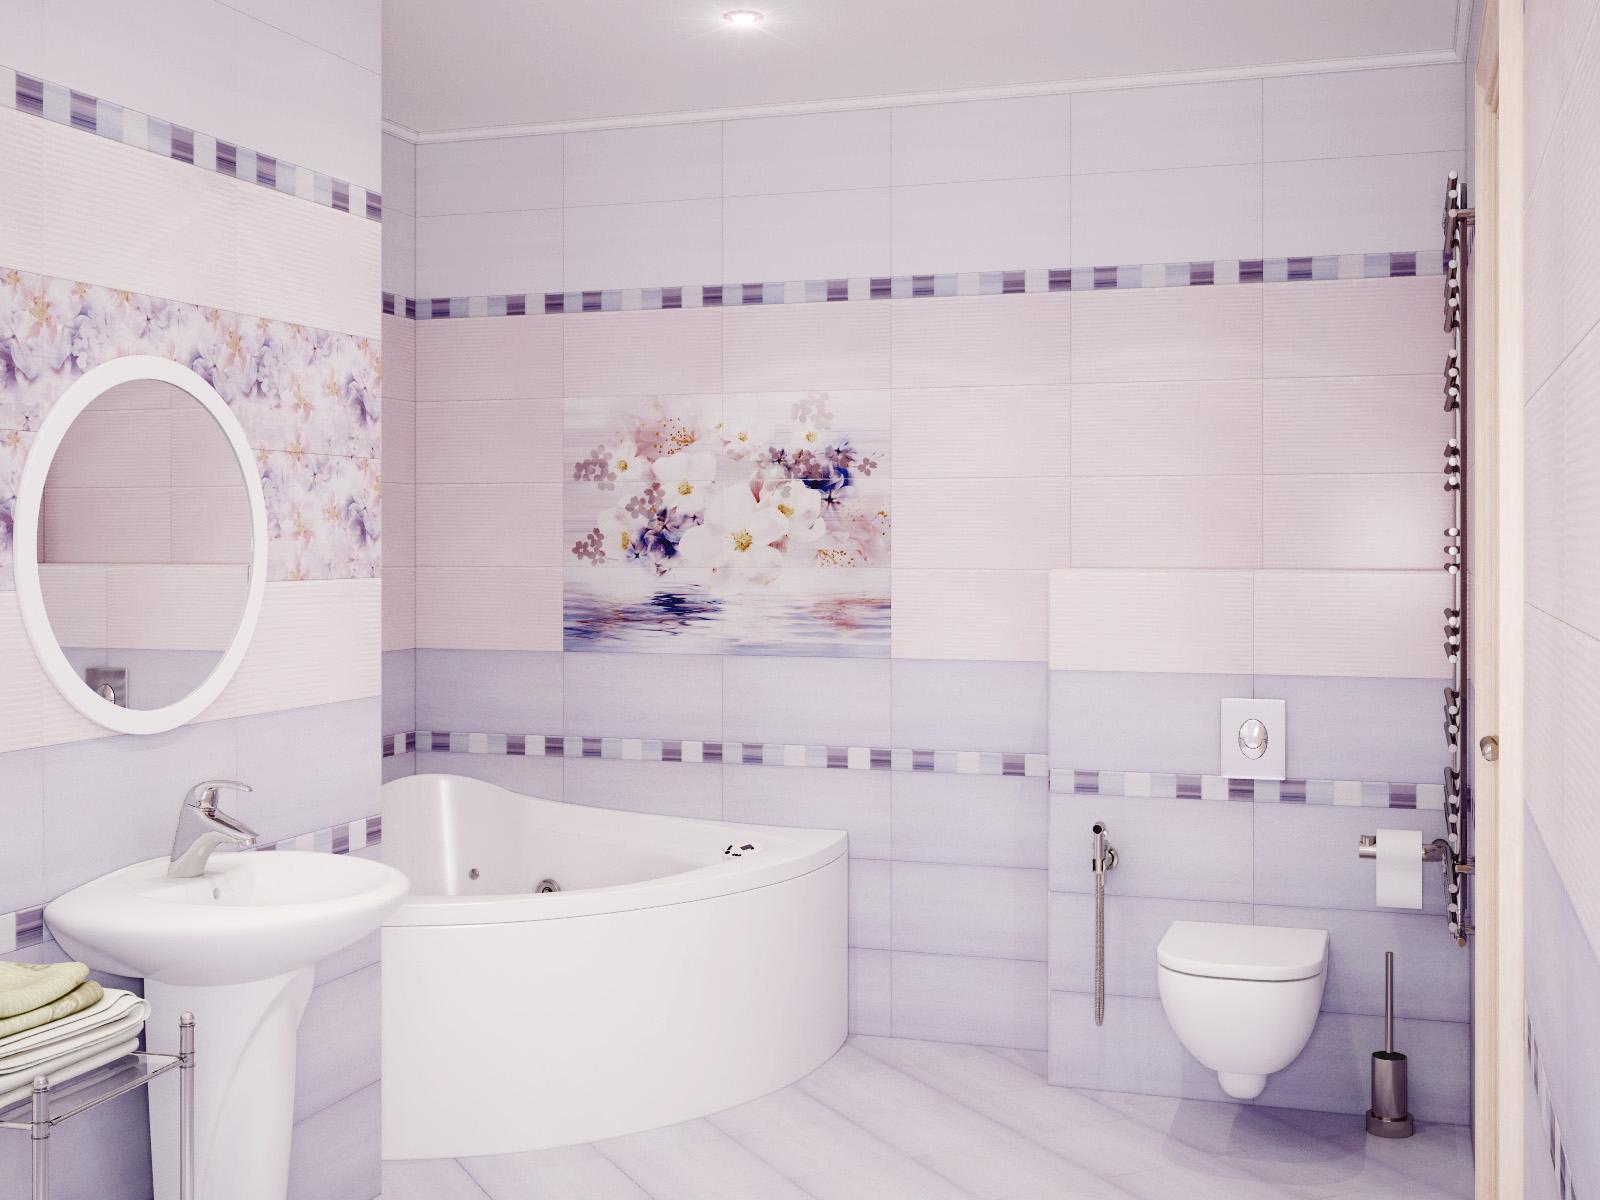 Пастельная сиреневая и розовая плитка в ванной